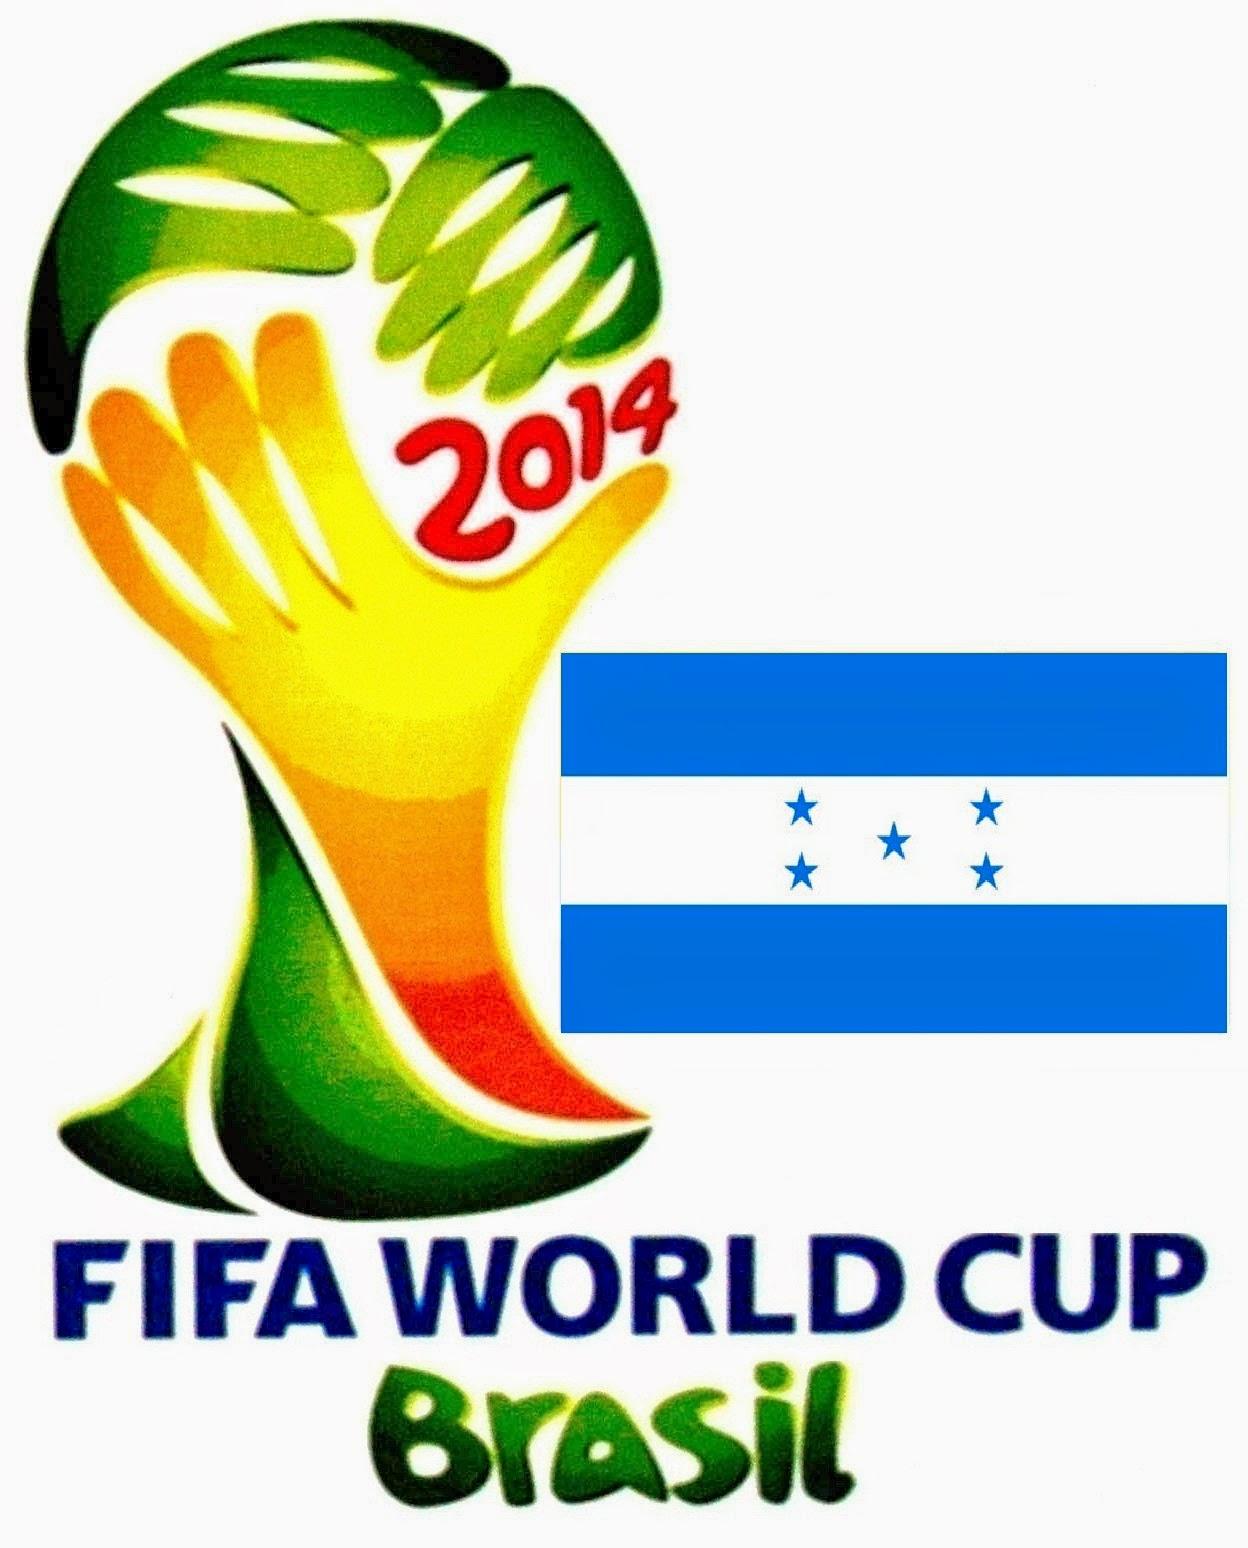 Daftar Nama Pemain Timnas Honduras Piala Dunia 2014